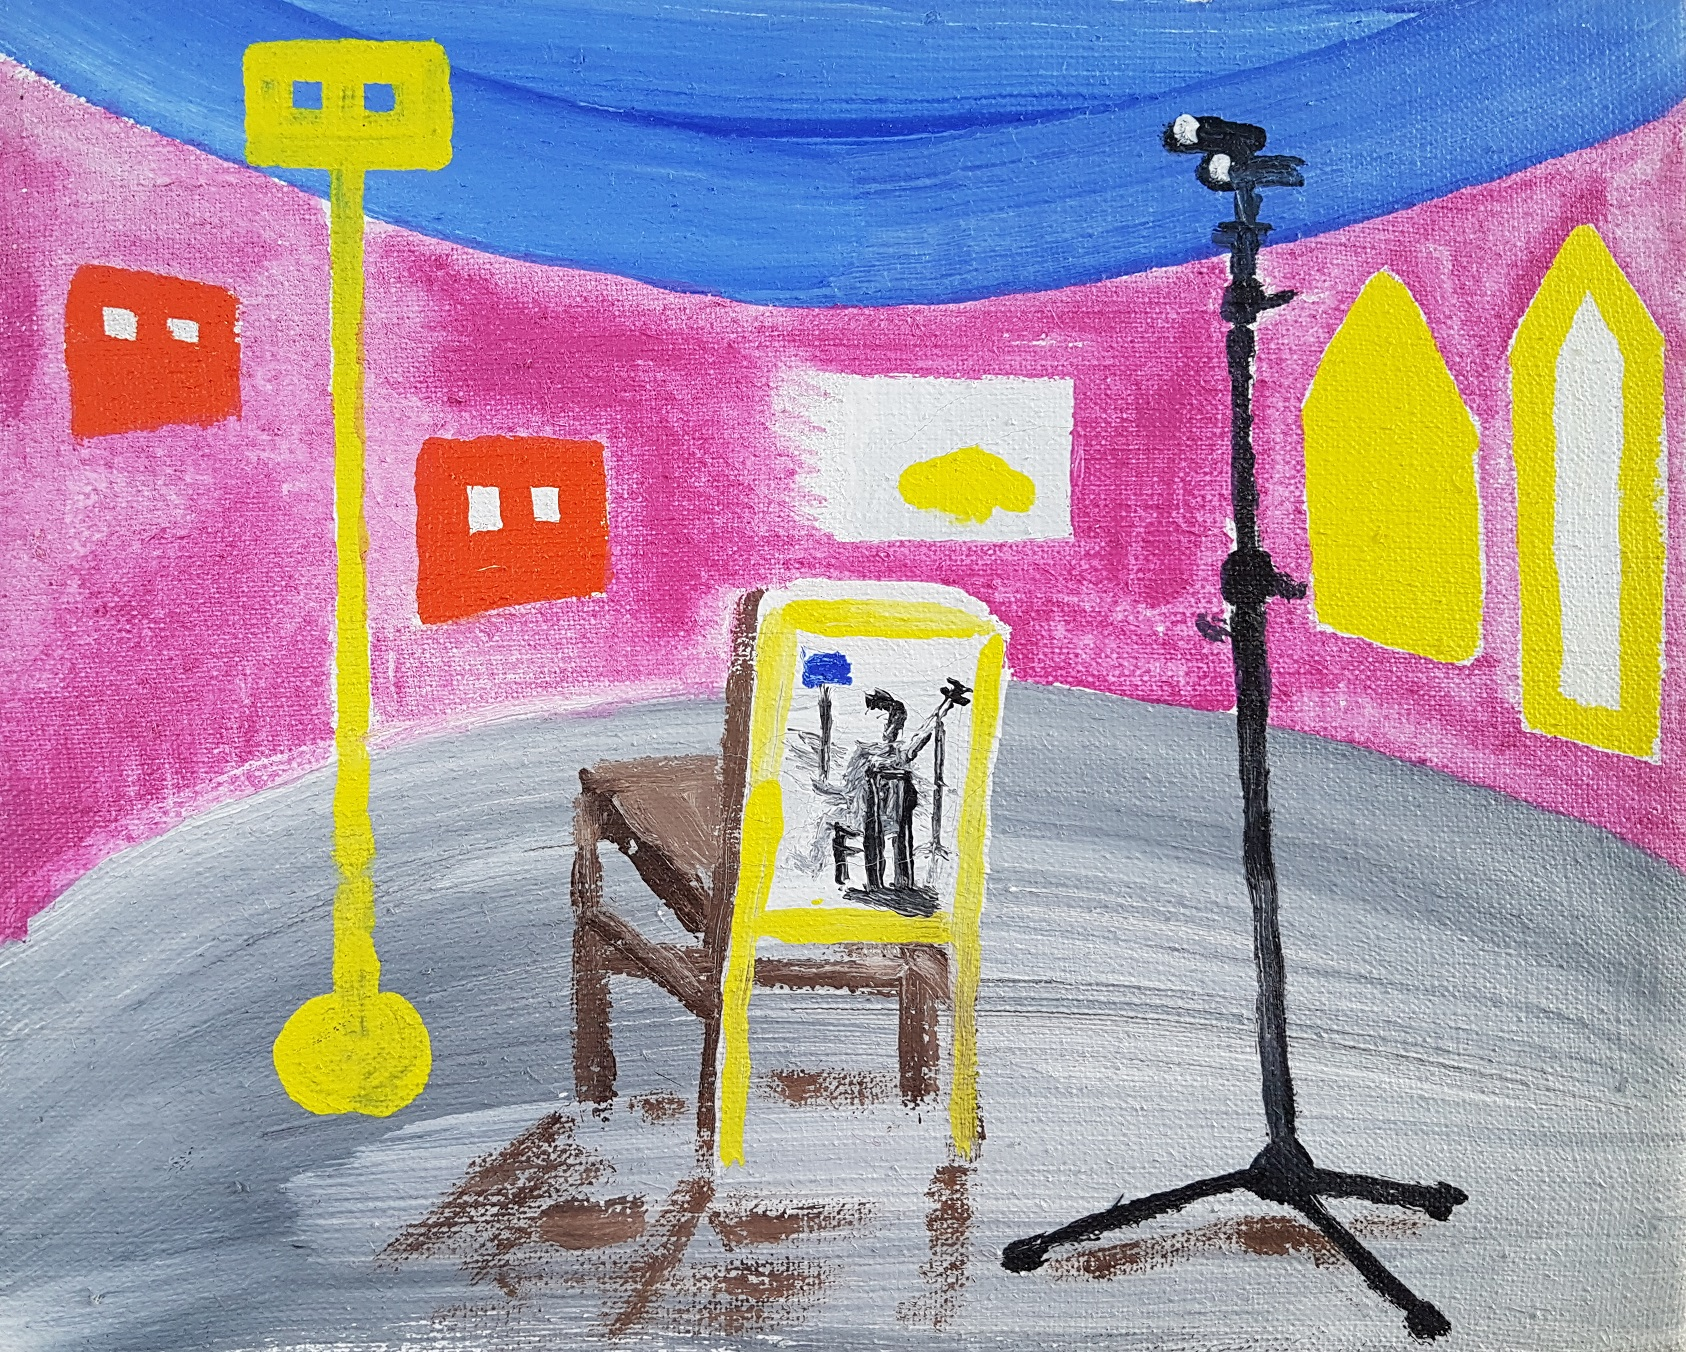 Instraling van het schilderij